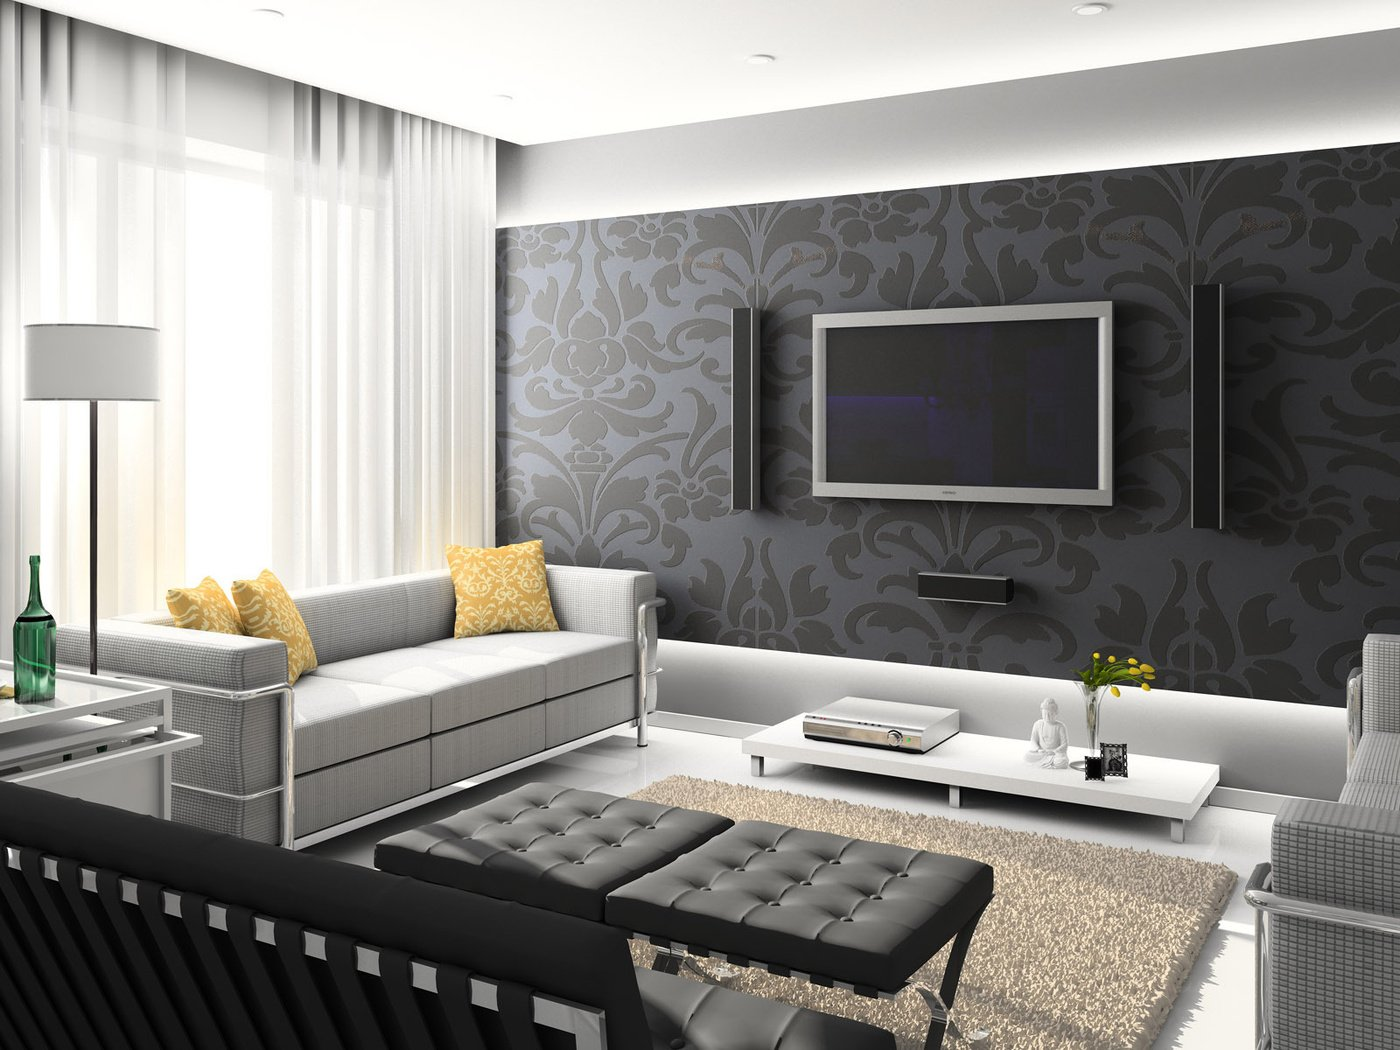 Темные обои с цветами в интерьере гостиной фото